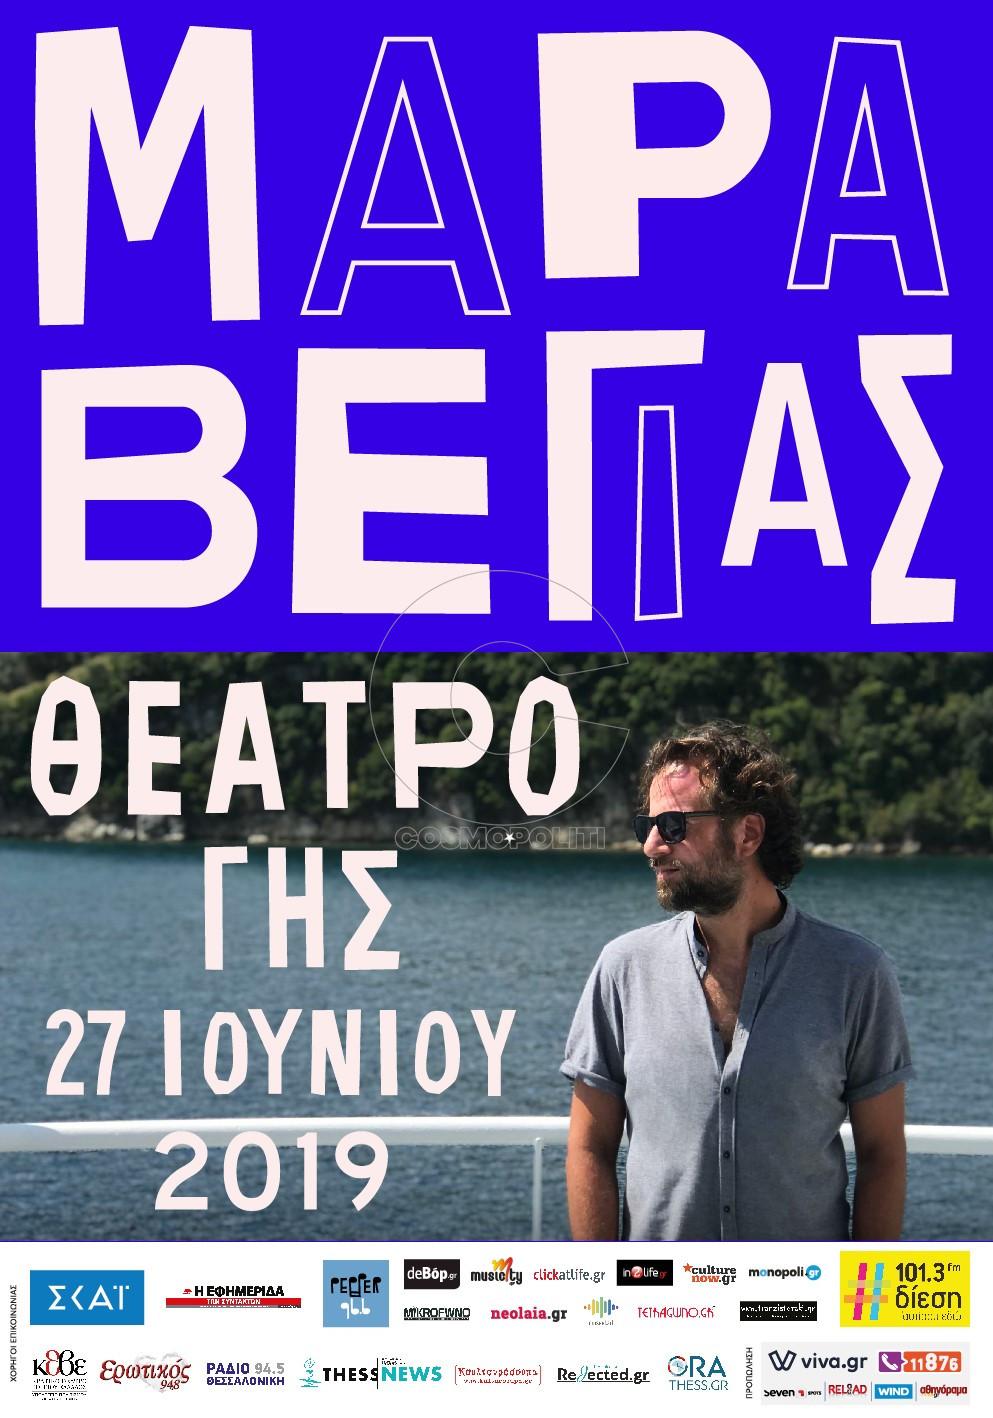 Kostis Maraveyas Theatro Gis 27.06.2019